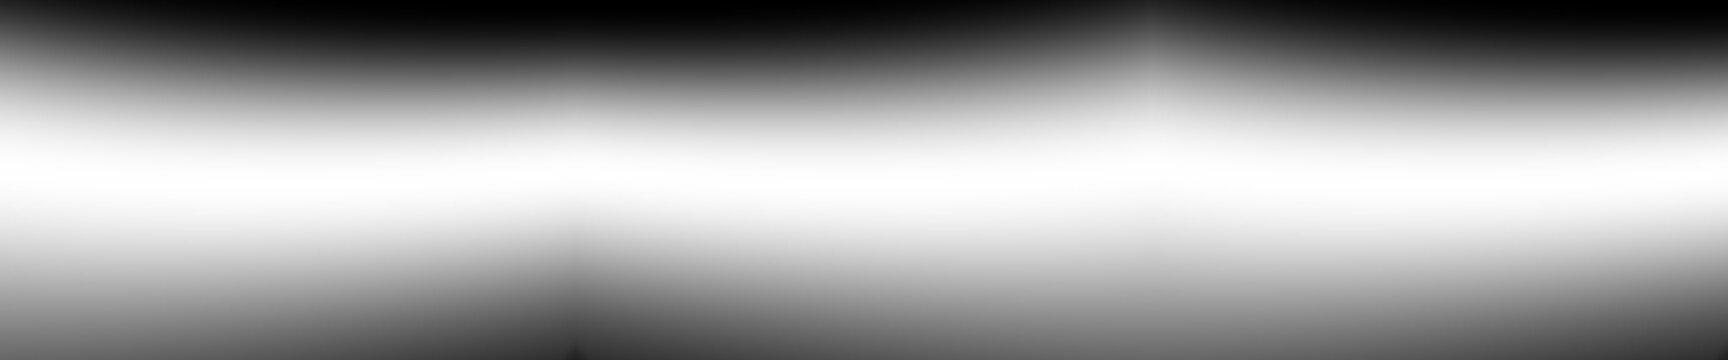 Metallic widescreen texture website header background